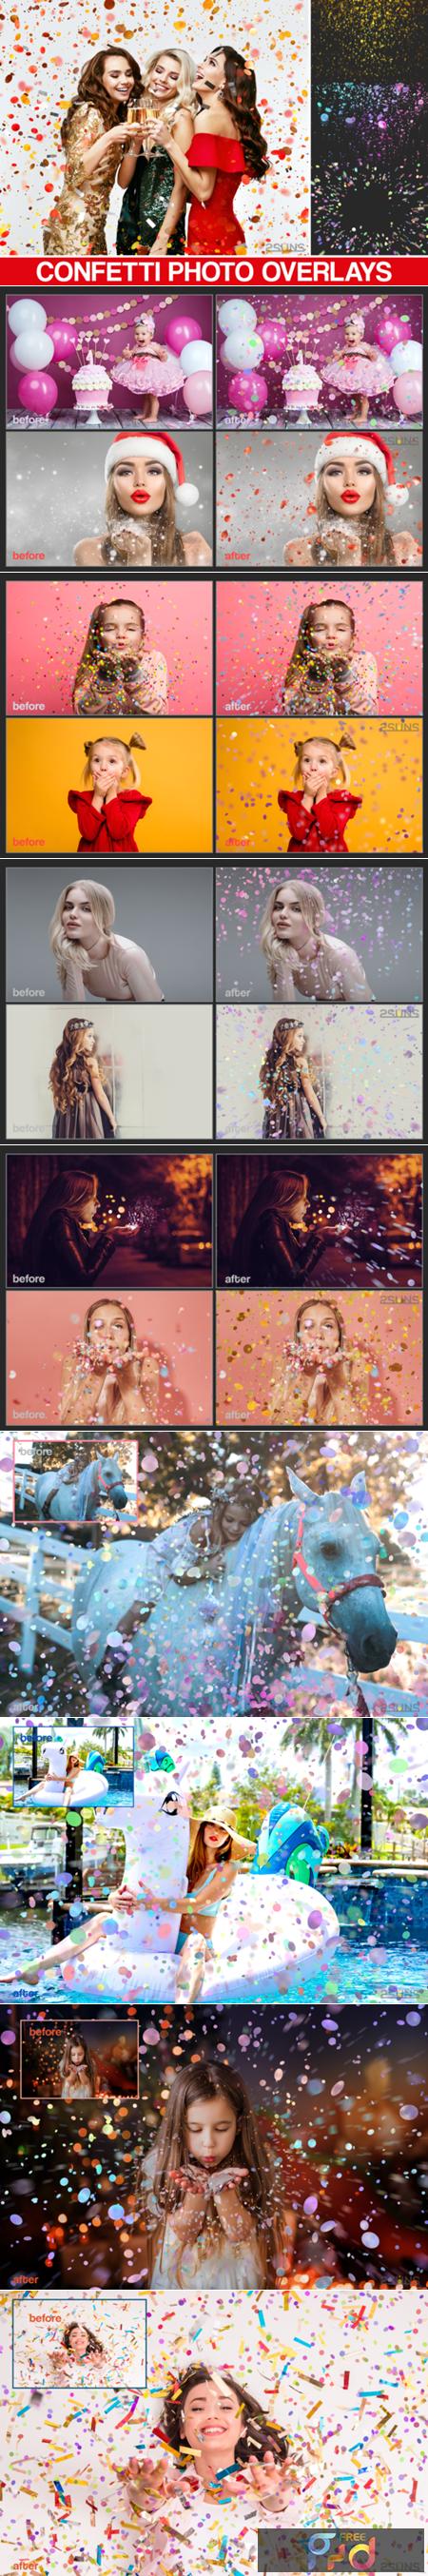 35 Confetti Overlays 2767759 1